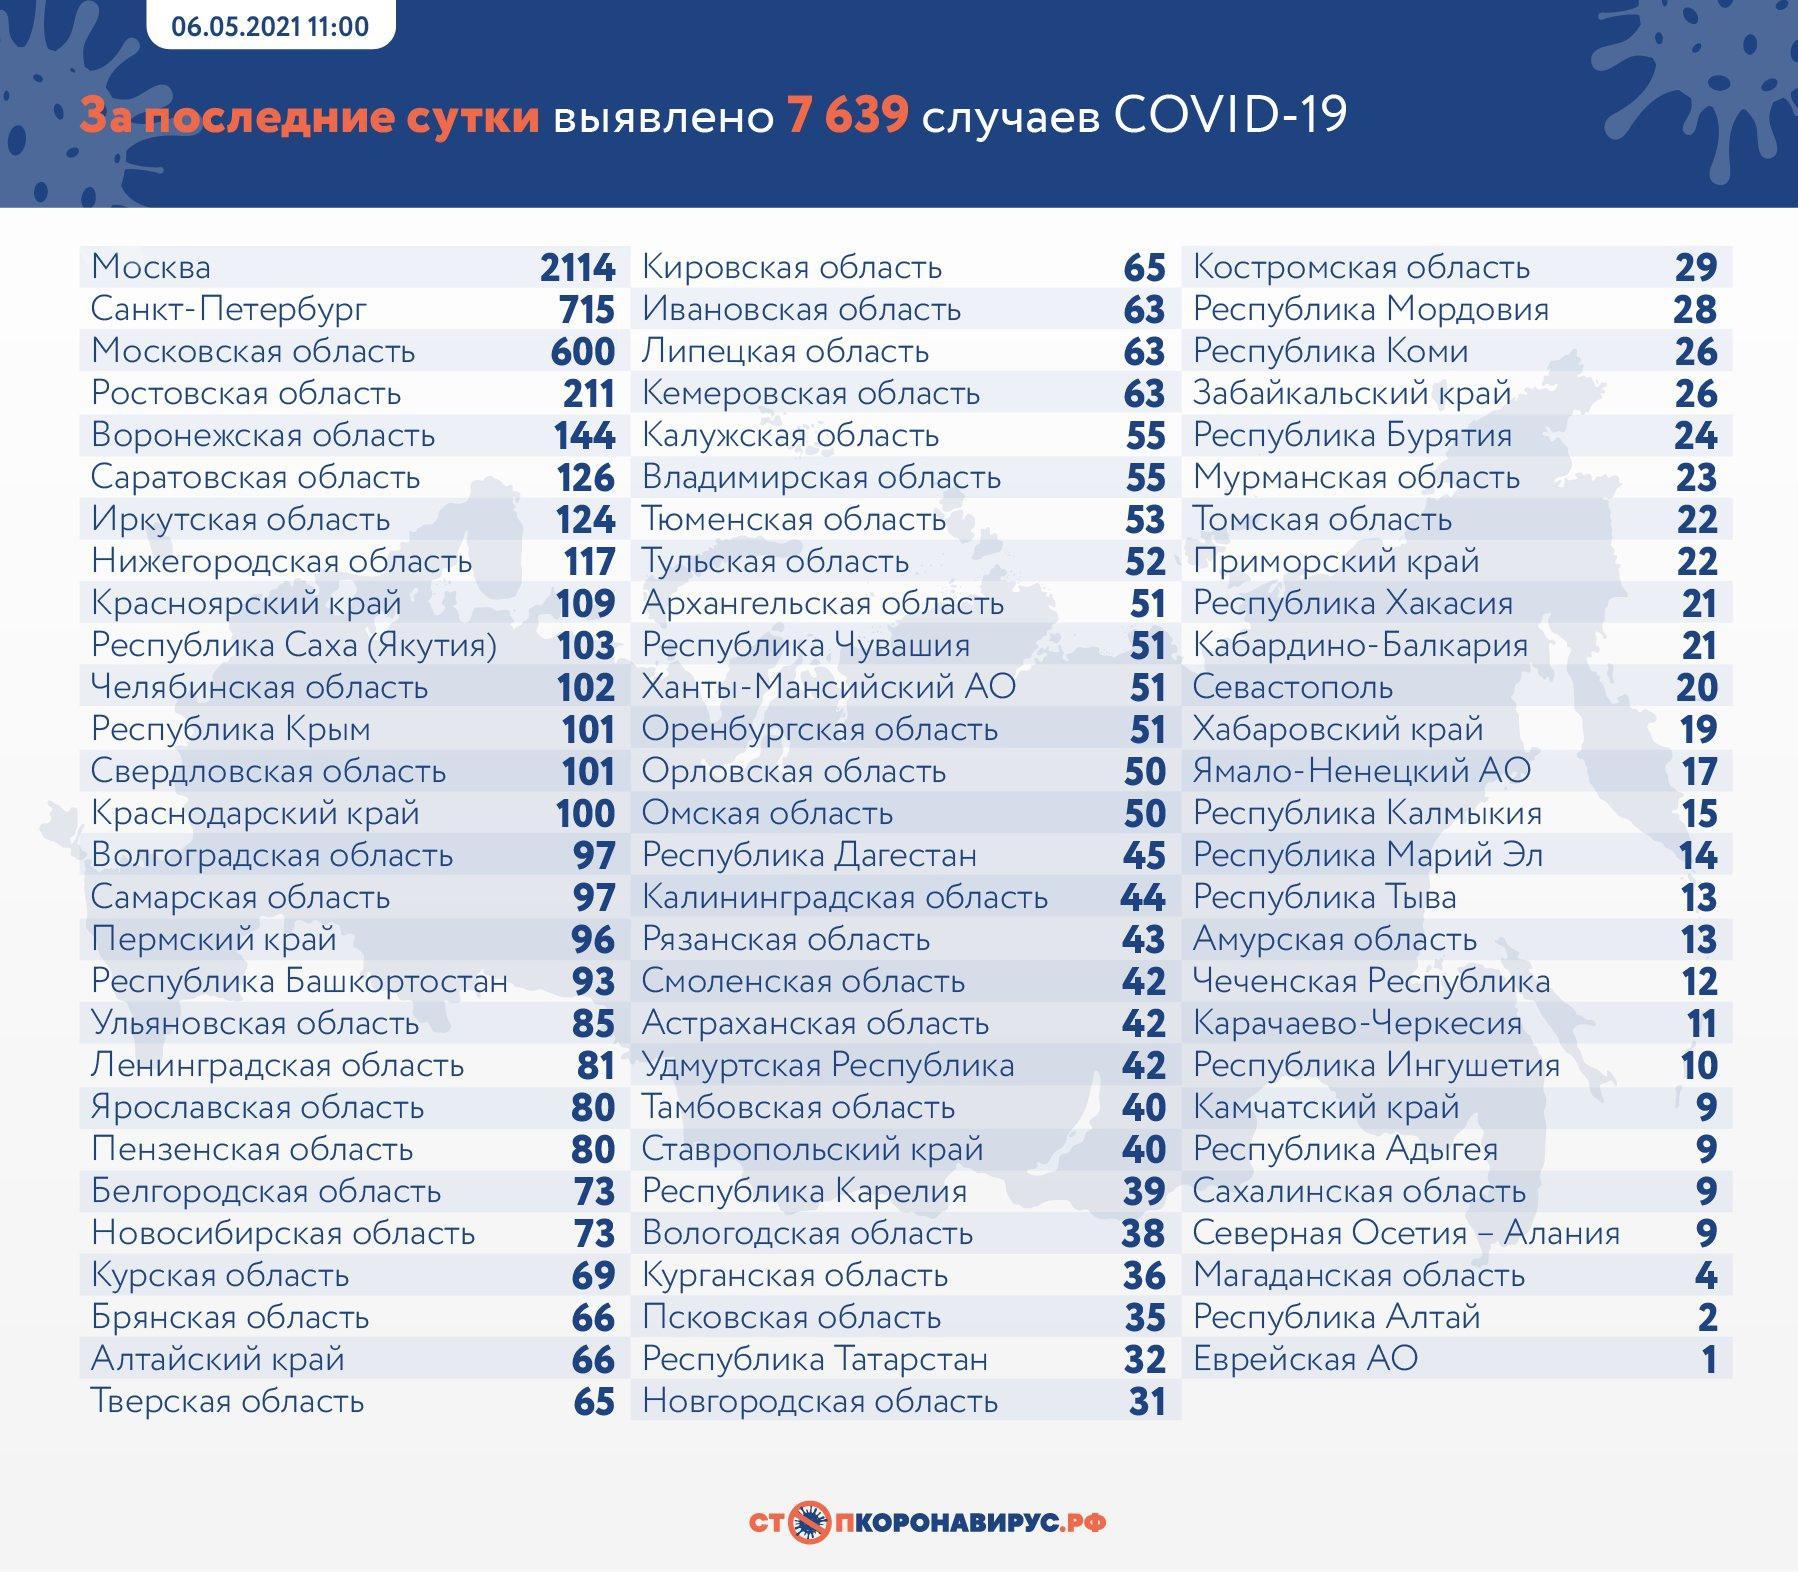 фото 351 человек умер от коронавируса в России за сутки 2